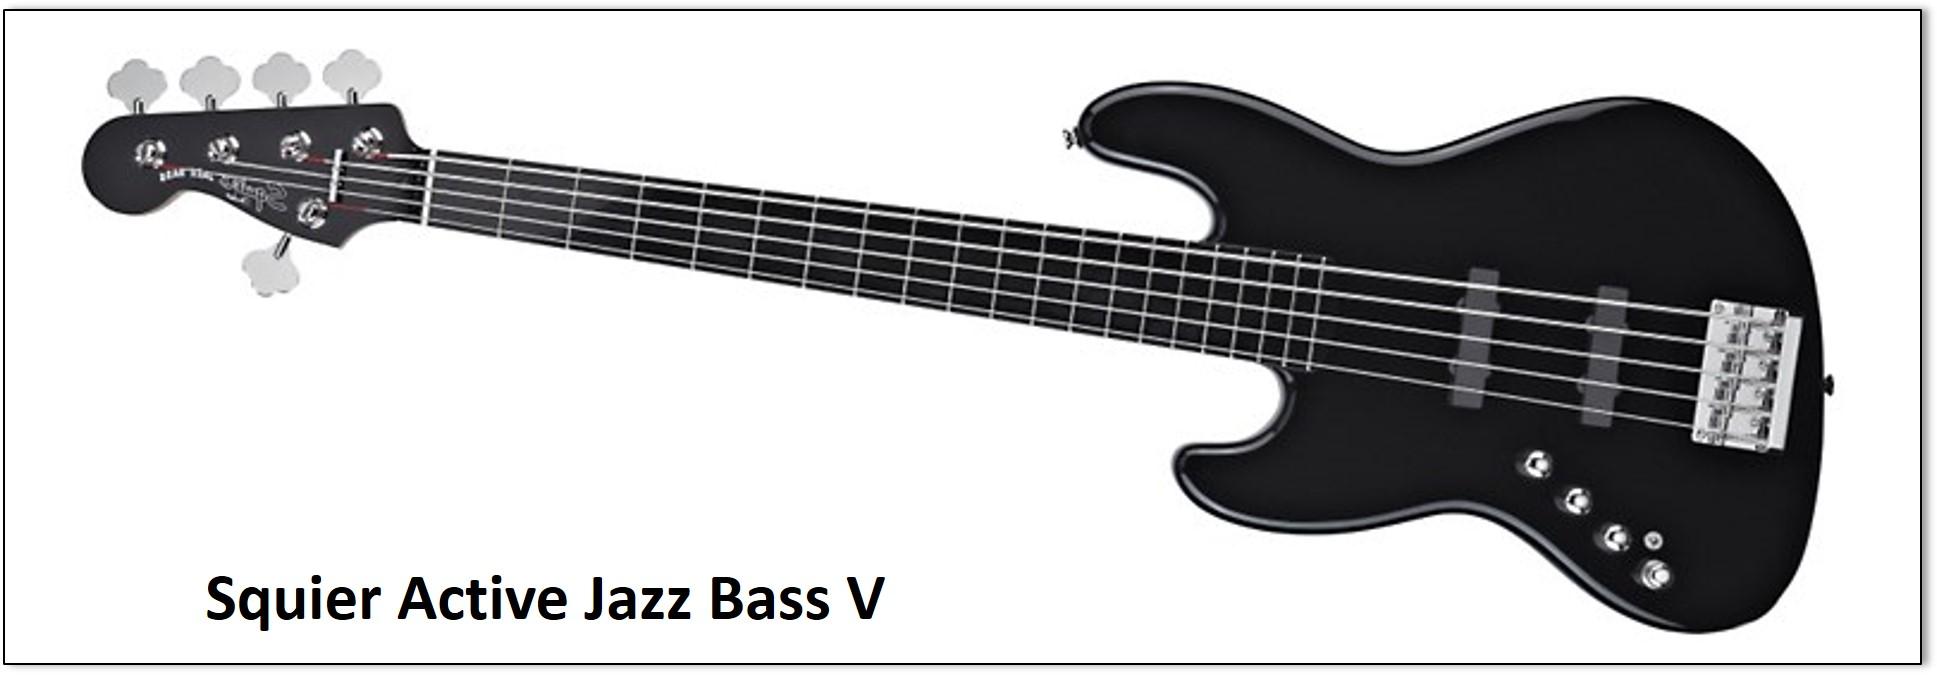 Bajo fender Squier V String profesional para bajistas intermedios y profesionales